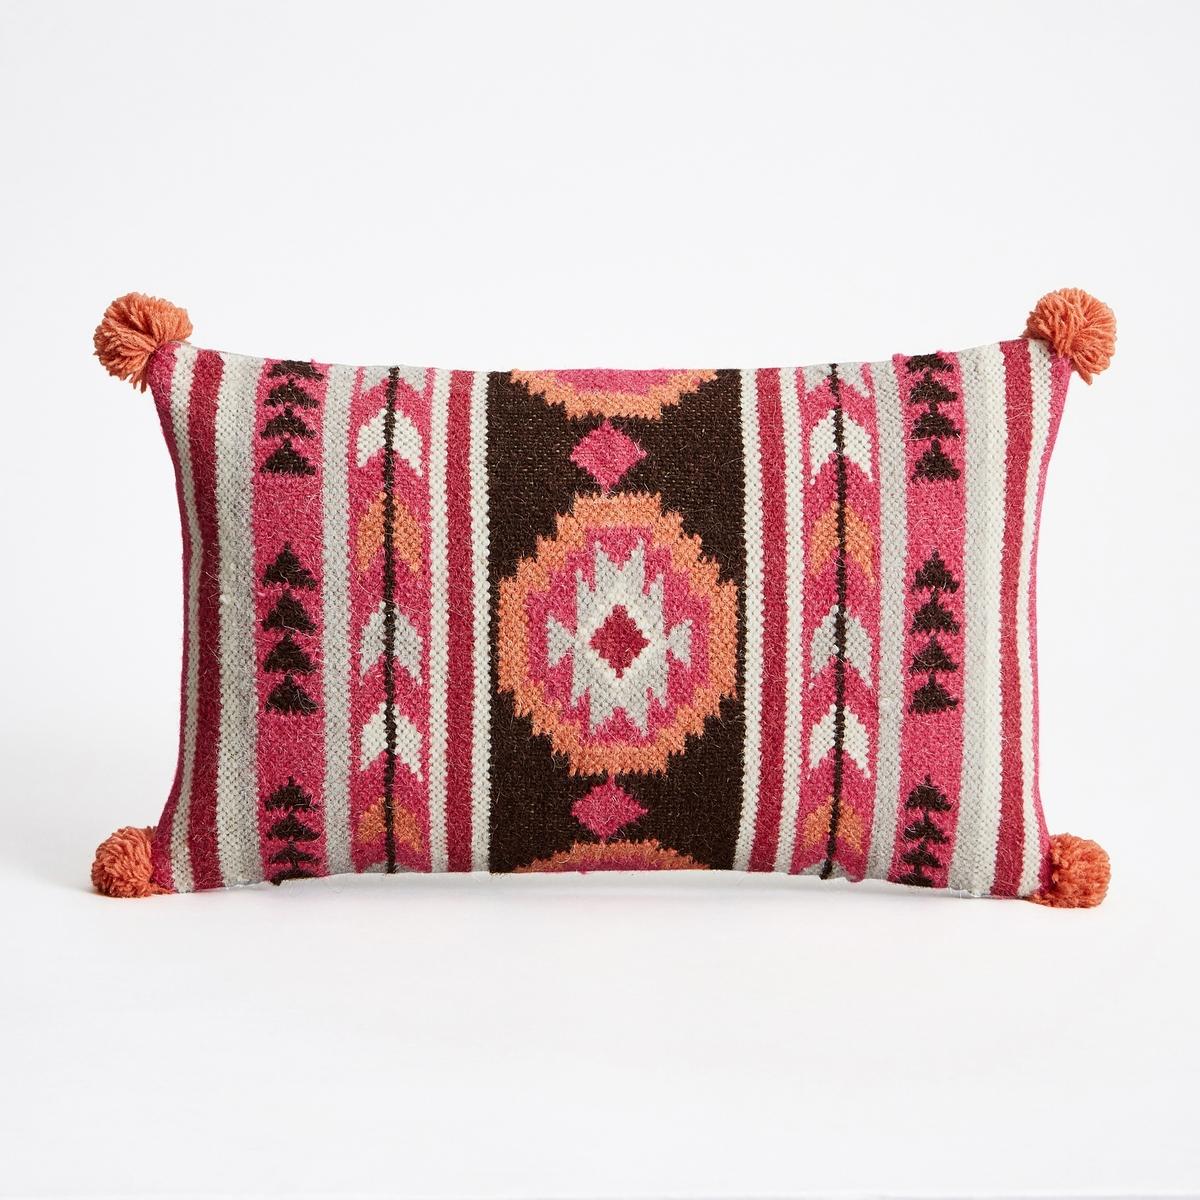 Чехол для подушки TiraumeaЧехол для подушки с тканым ковровым рисунком в стиле килим Tiraumea. Застежка на молнию.Состав:- Лицевая сторона: 80% шерсти, 20% хлопка, оборотная сторона однотонная, из 100% хлопка. Размеры :- 50 x 30 см.Подушка продается отдельно на сайте.<br><br>Цвет: разноцветный